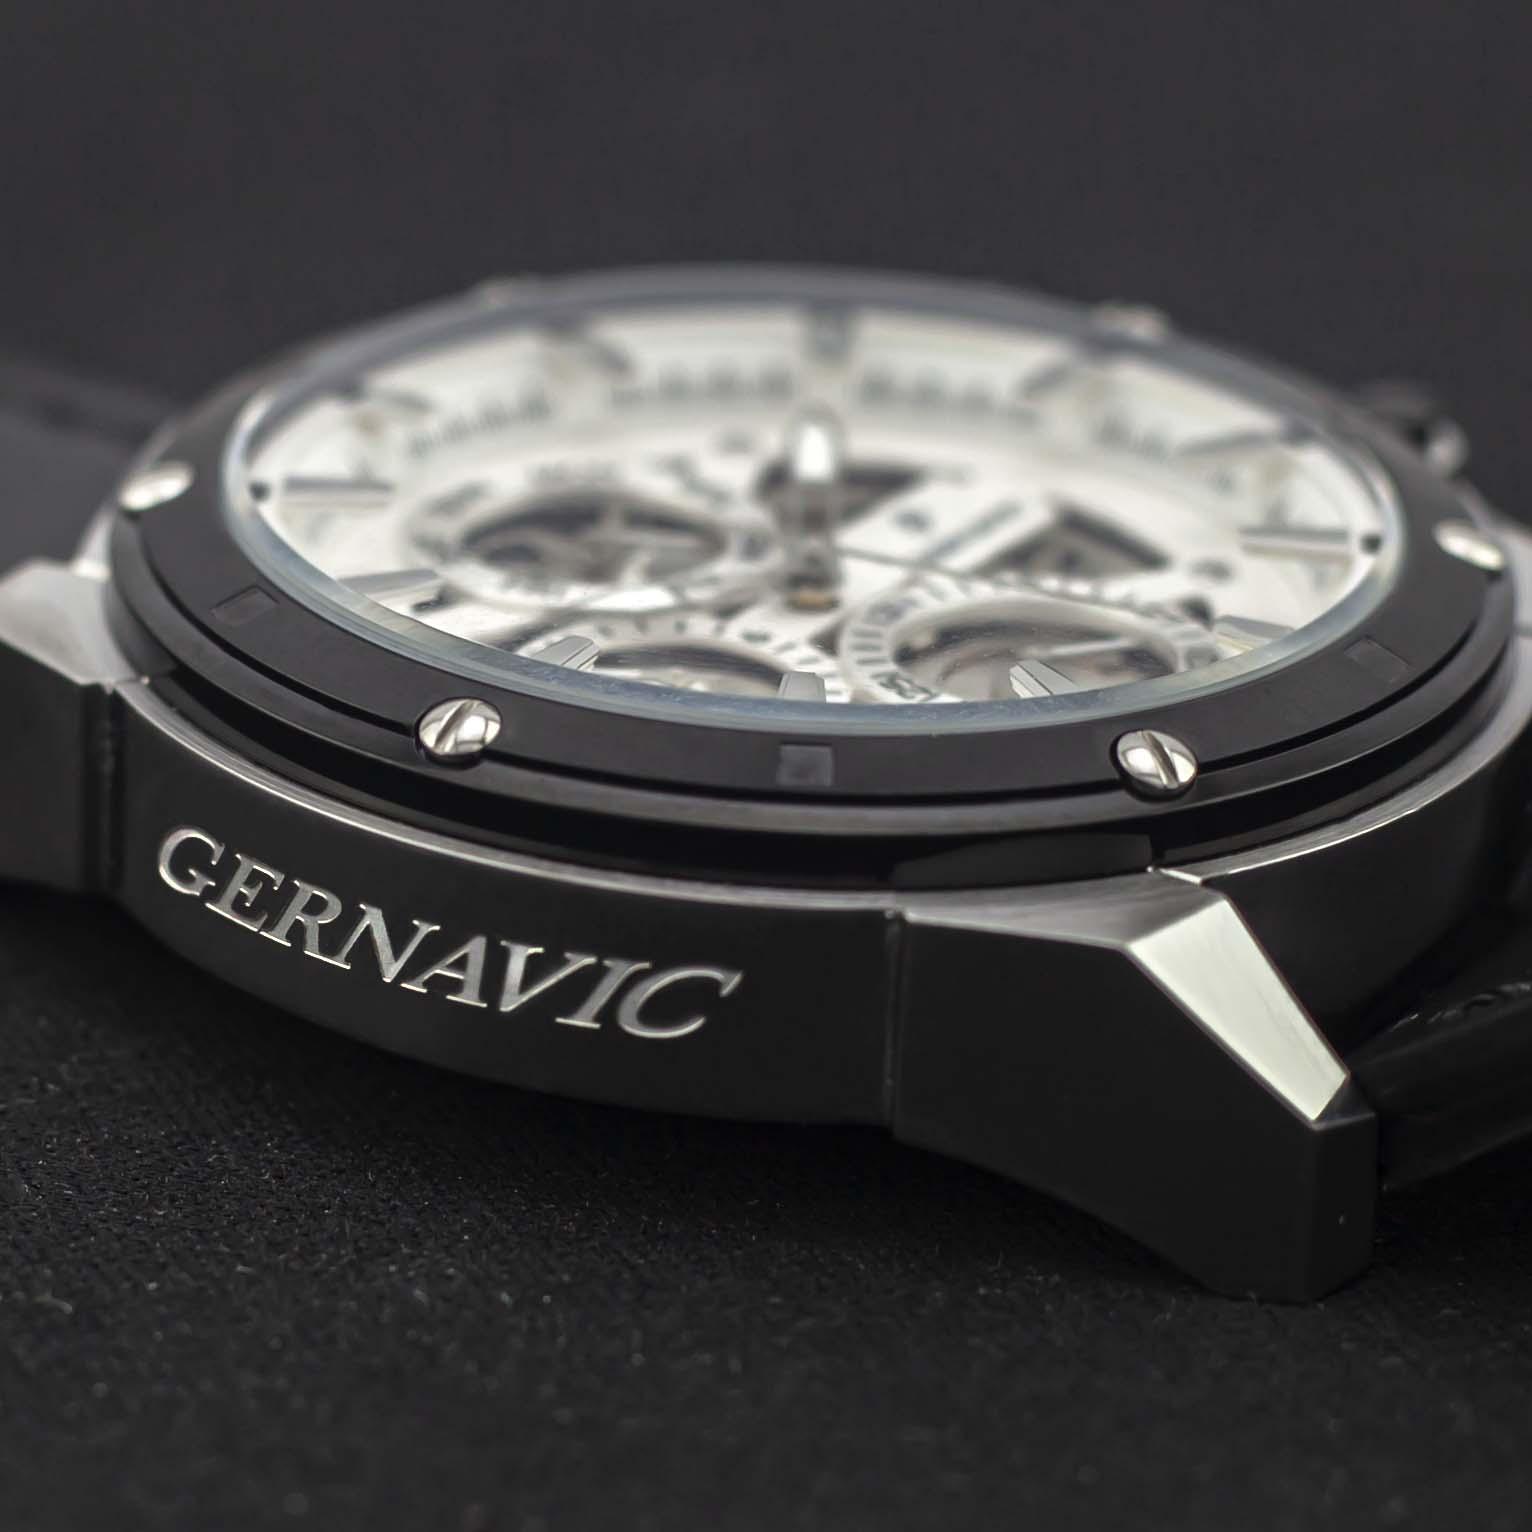 ساعت مچی عقربهای مردانه گرناویچ مدل 450MBSW